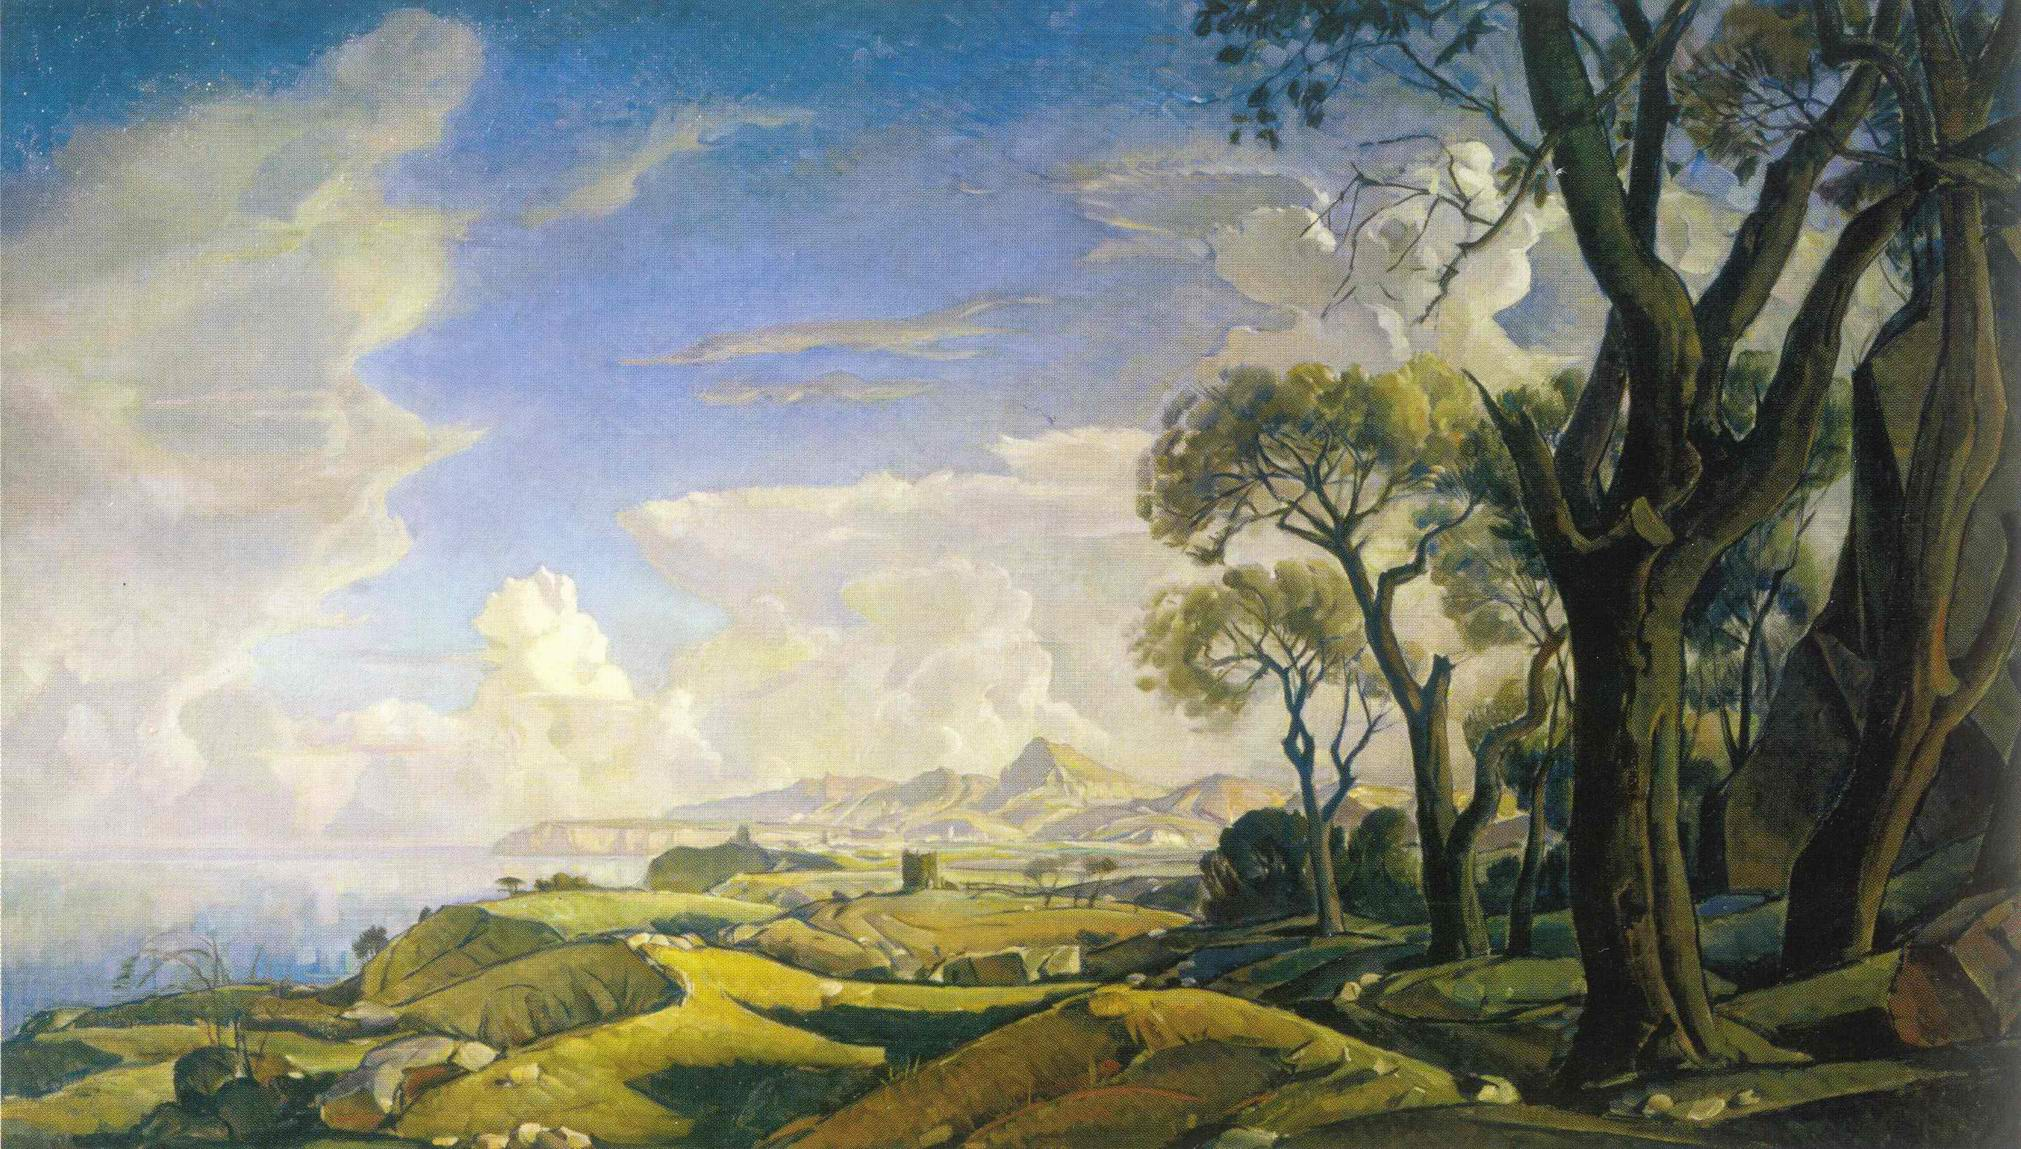 Пейзаж с деревьями, Богаевский Константин Федорович